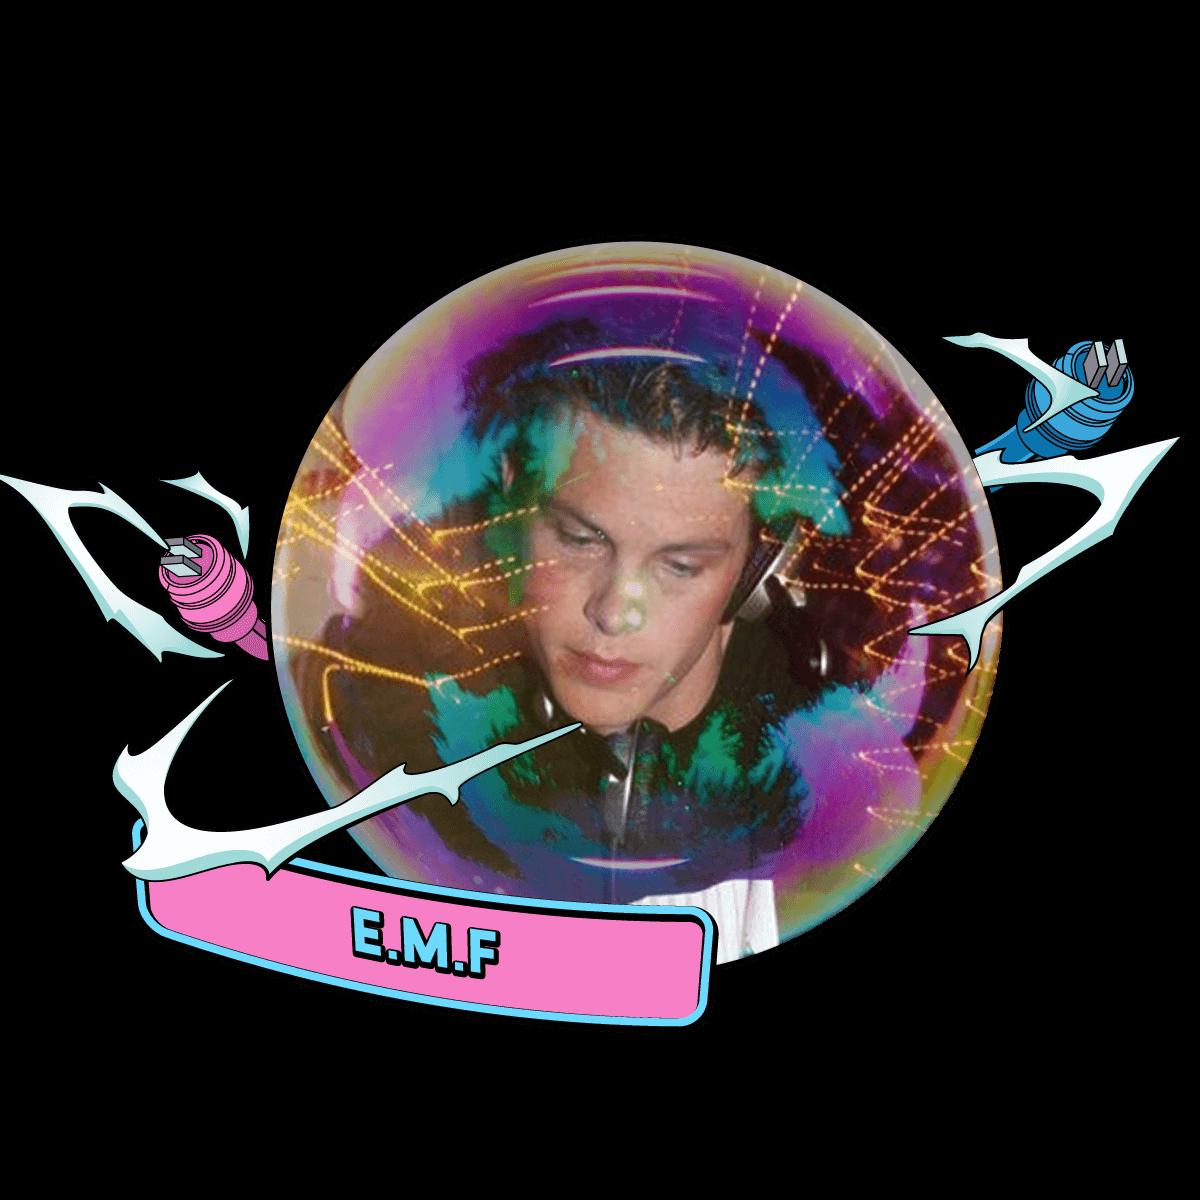 E.M.F